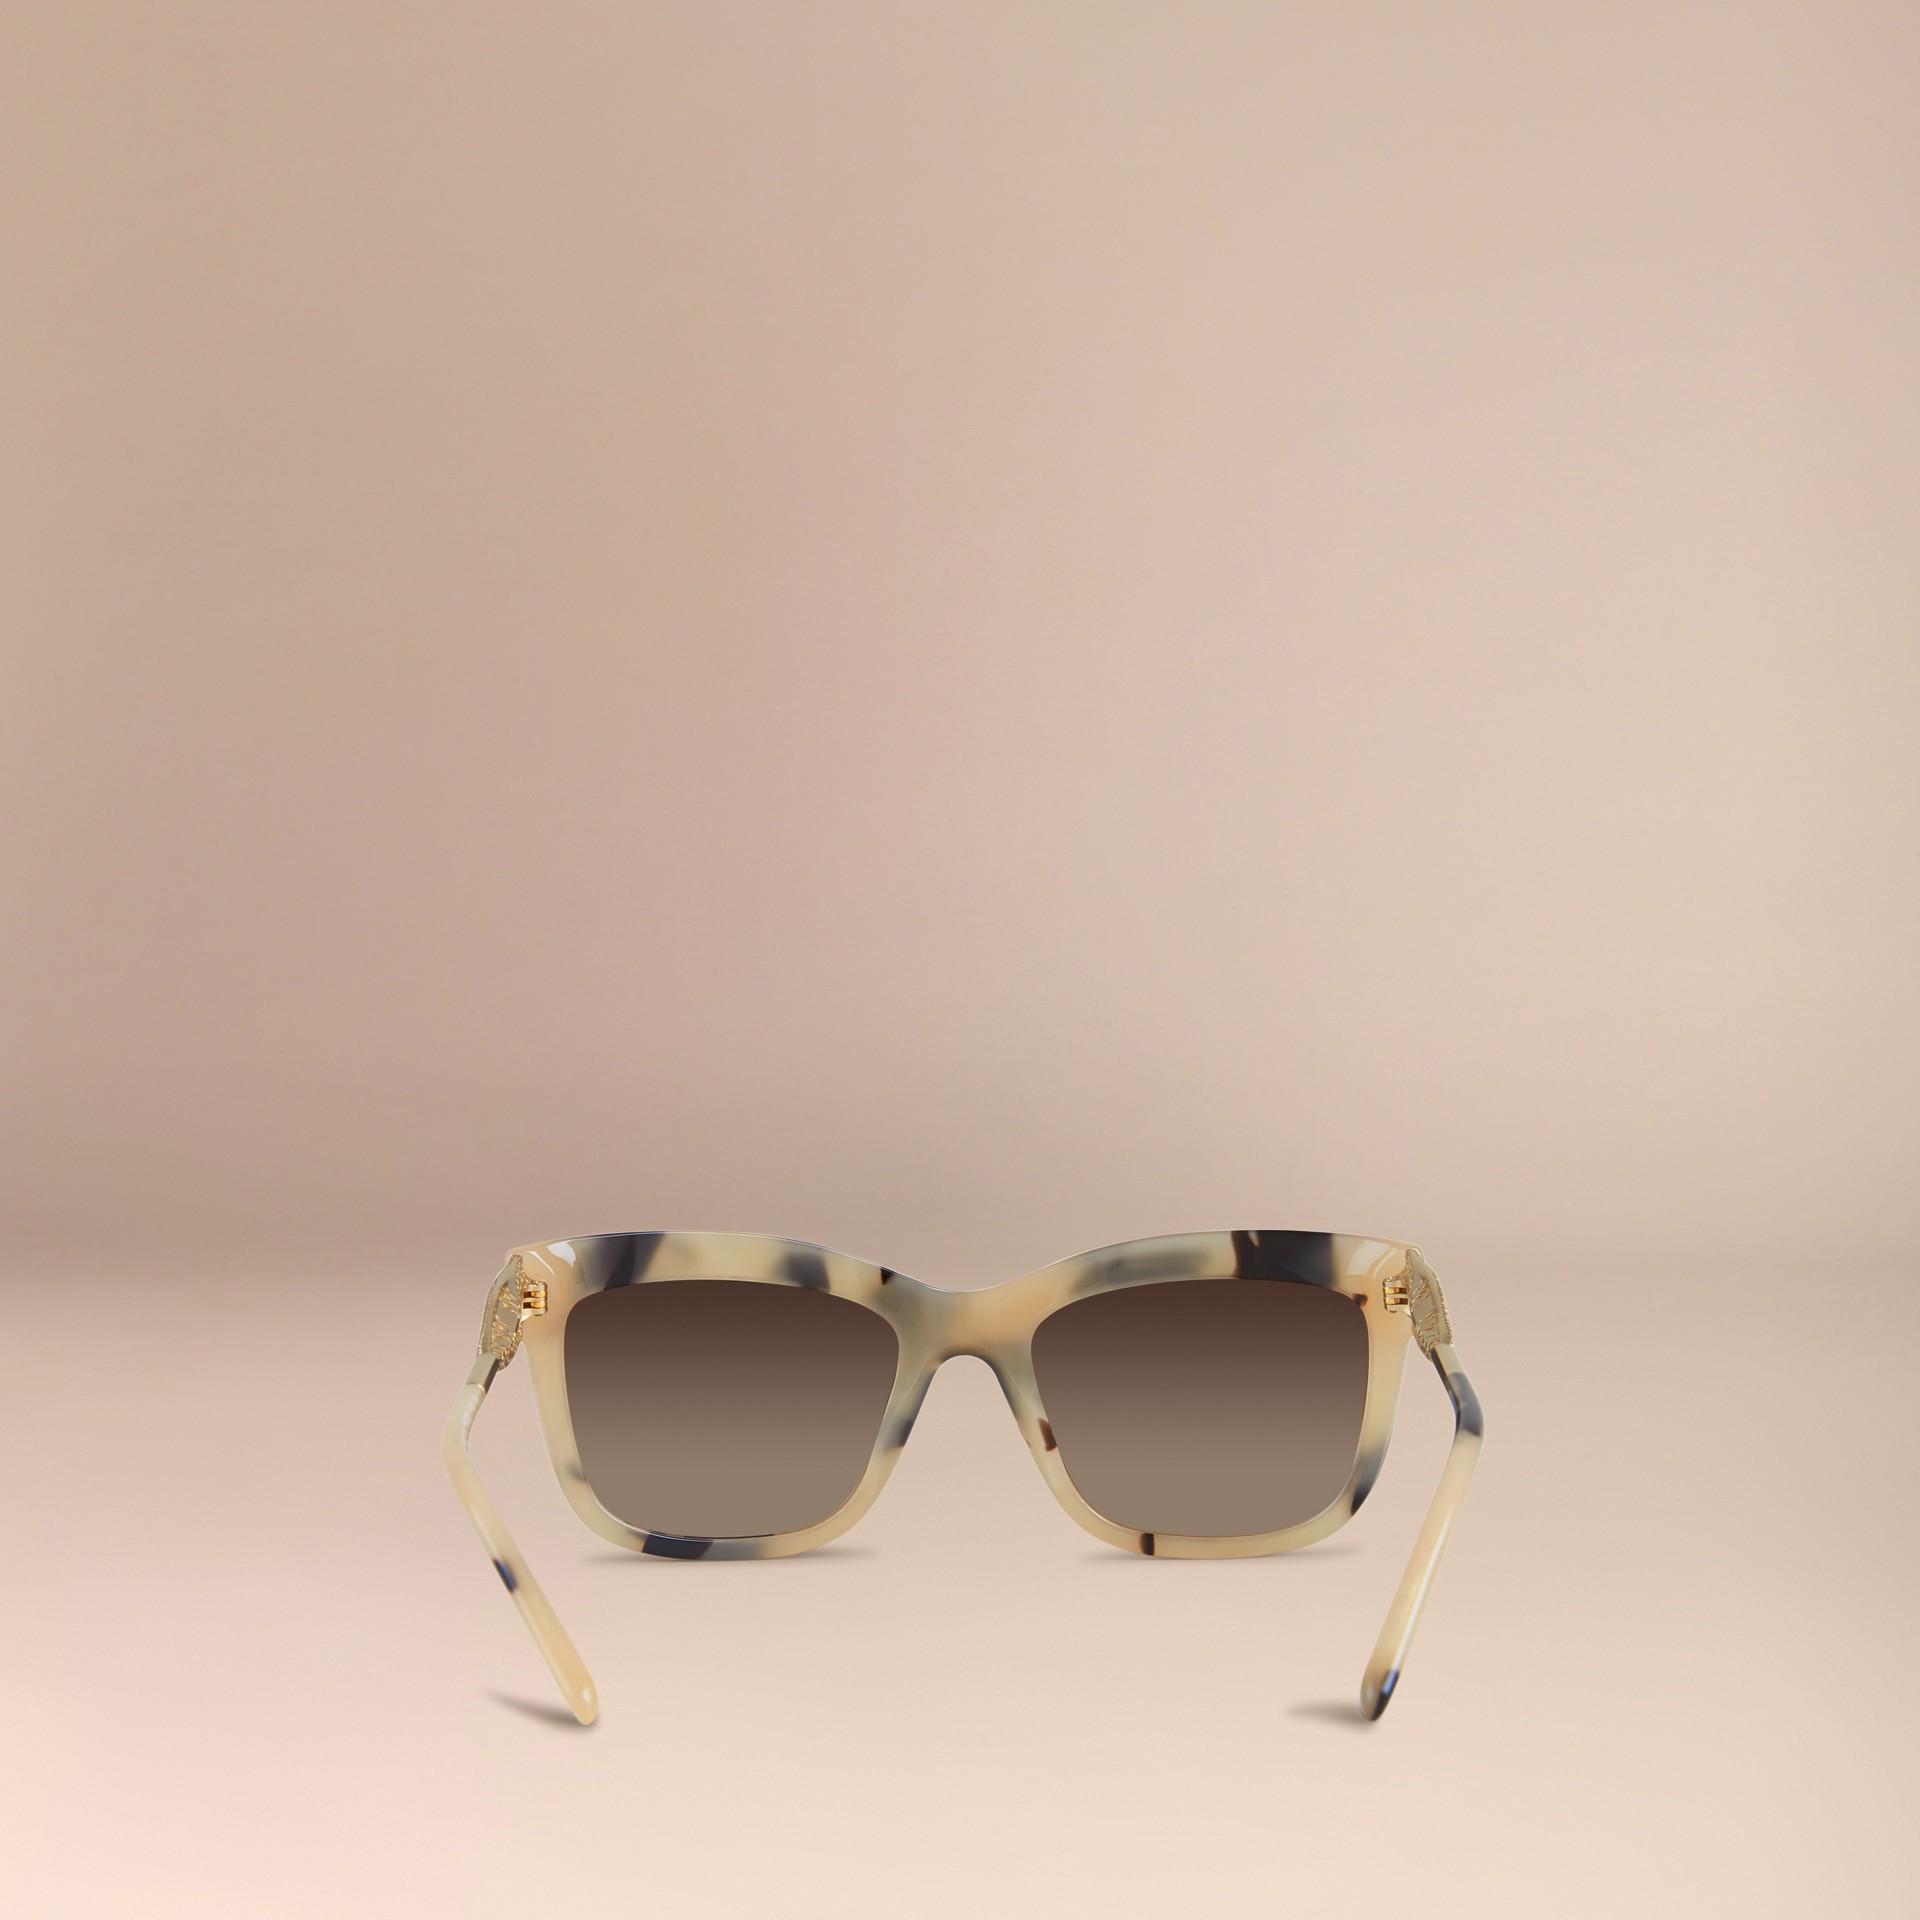 Corne demi-teinte Lunettes de soleil à monture carrée – Collection Dentelle de gabardine Corne Demi-teinte - photo de la galerie 4